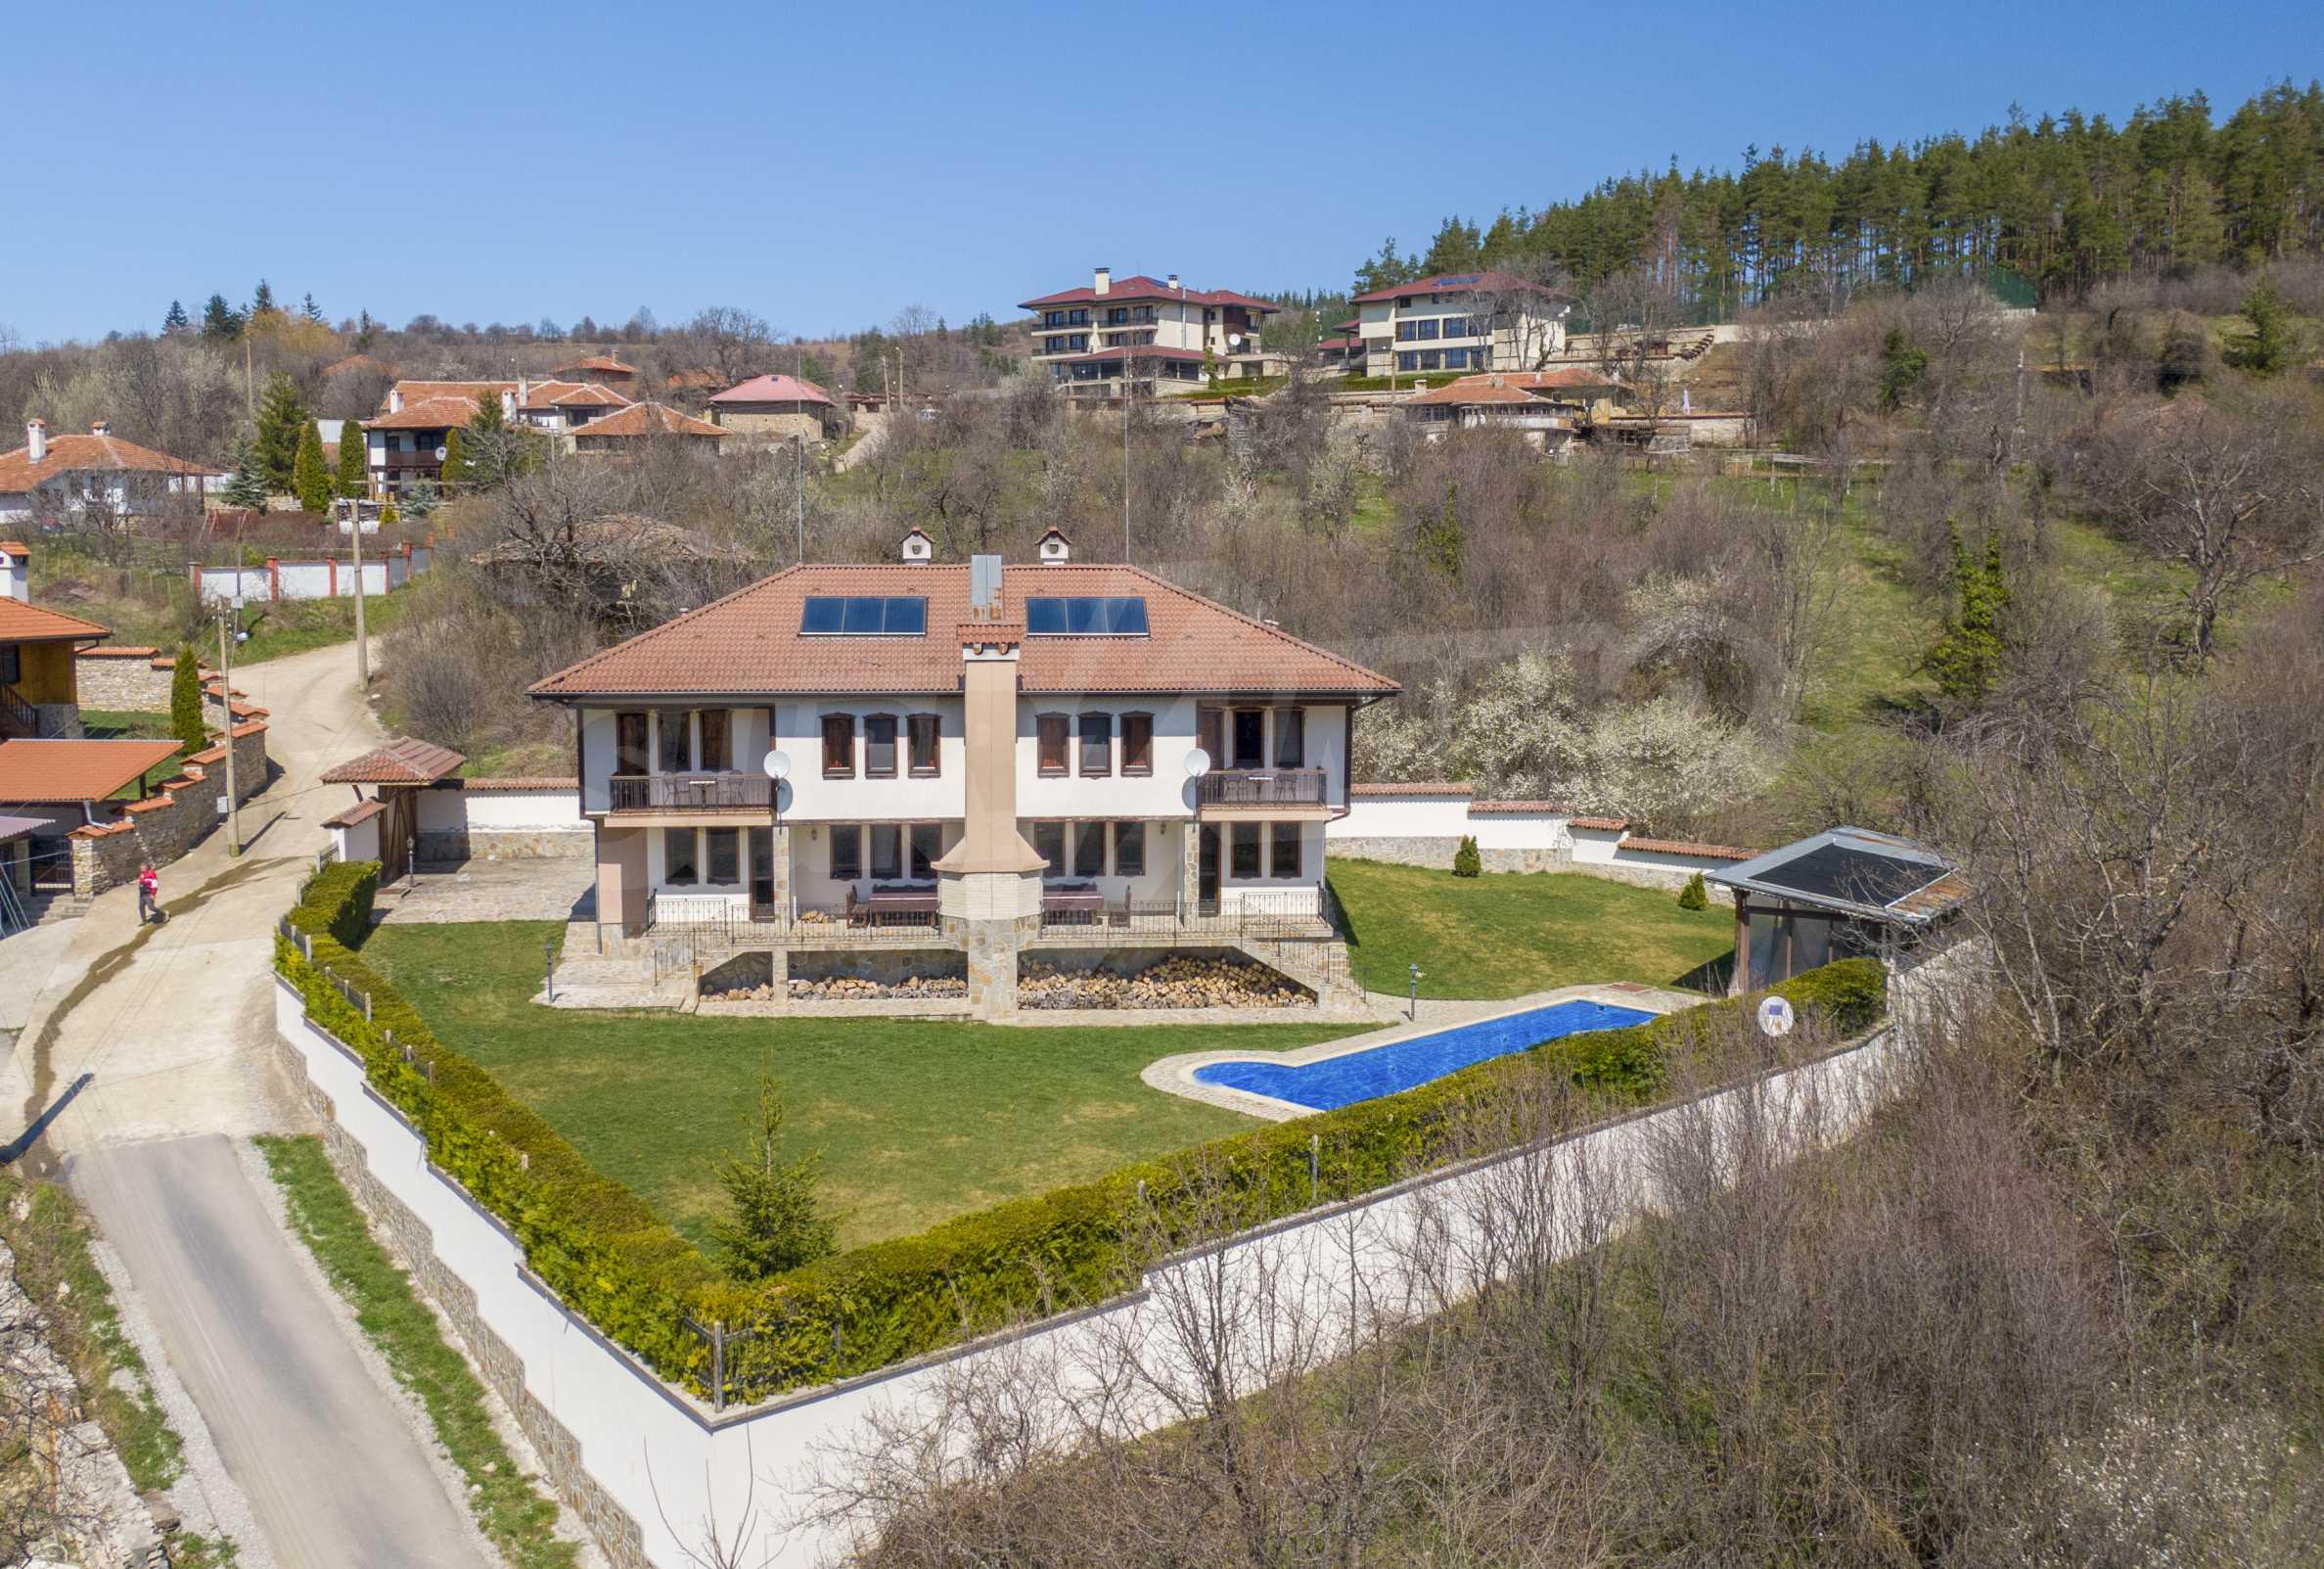 Zwei Doppelhäuser mit Swimmingpool in einem gemeinsamen Hof, nur 5 km vom Yovkovtsi-Damm entfernt 50